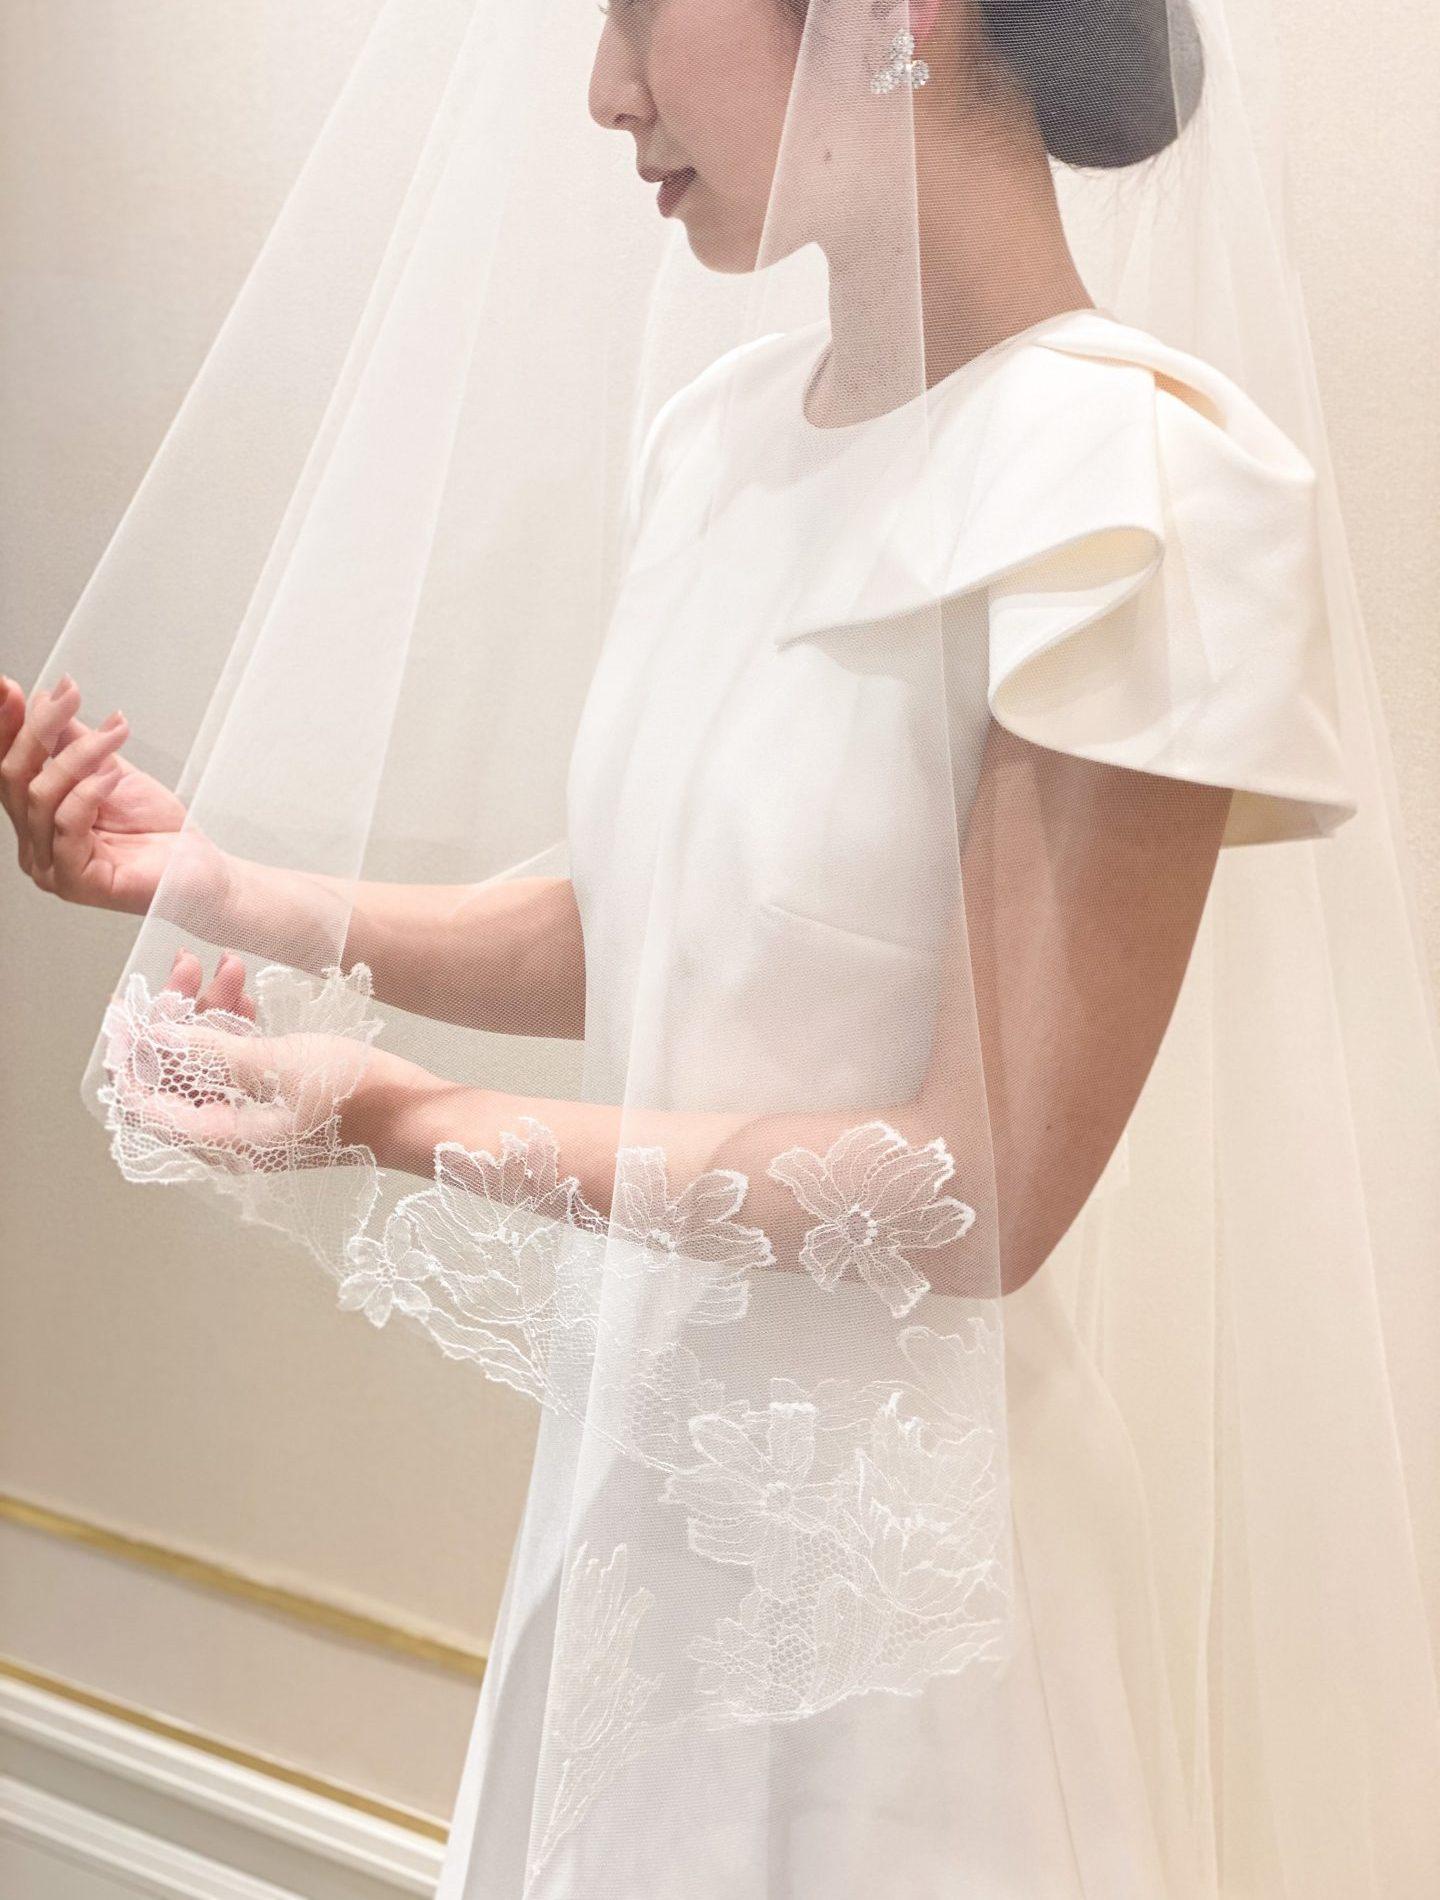 洗練されたシンプルなデザインが美しいサフィヤのウェディングドレスには繊細なハンドメイドの刺繍が美しいロングベールを合わせて